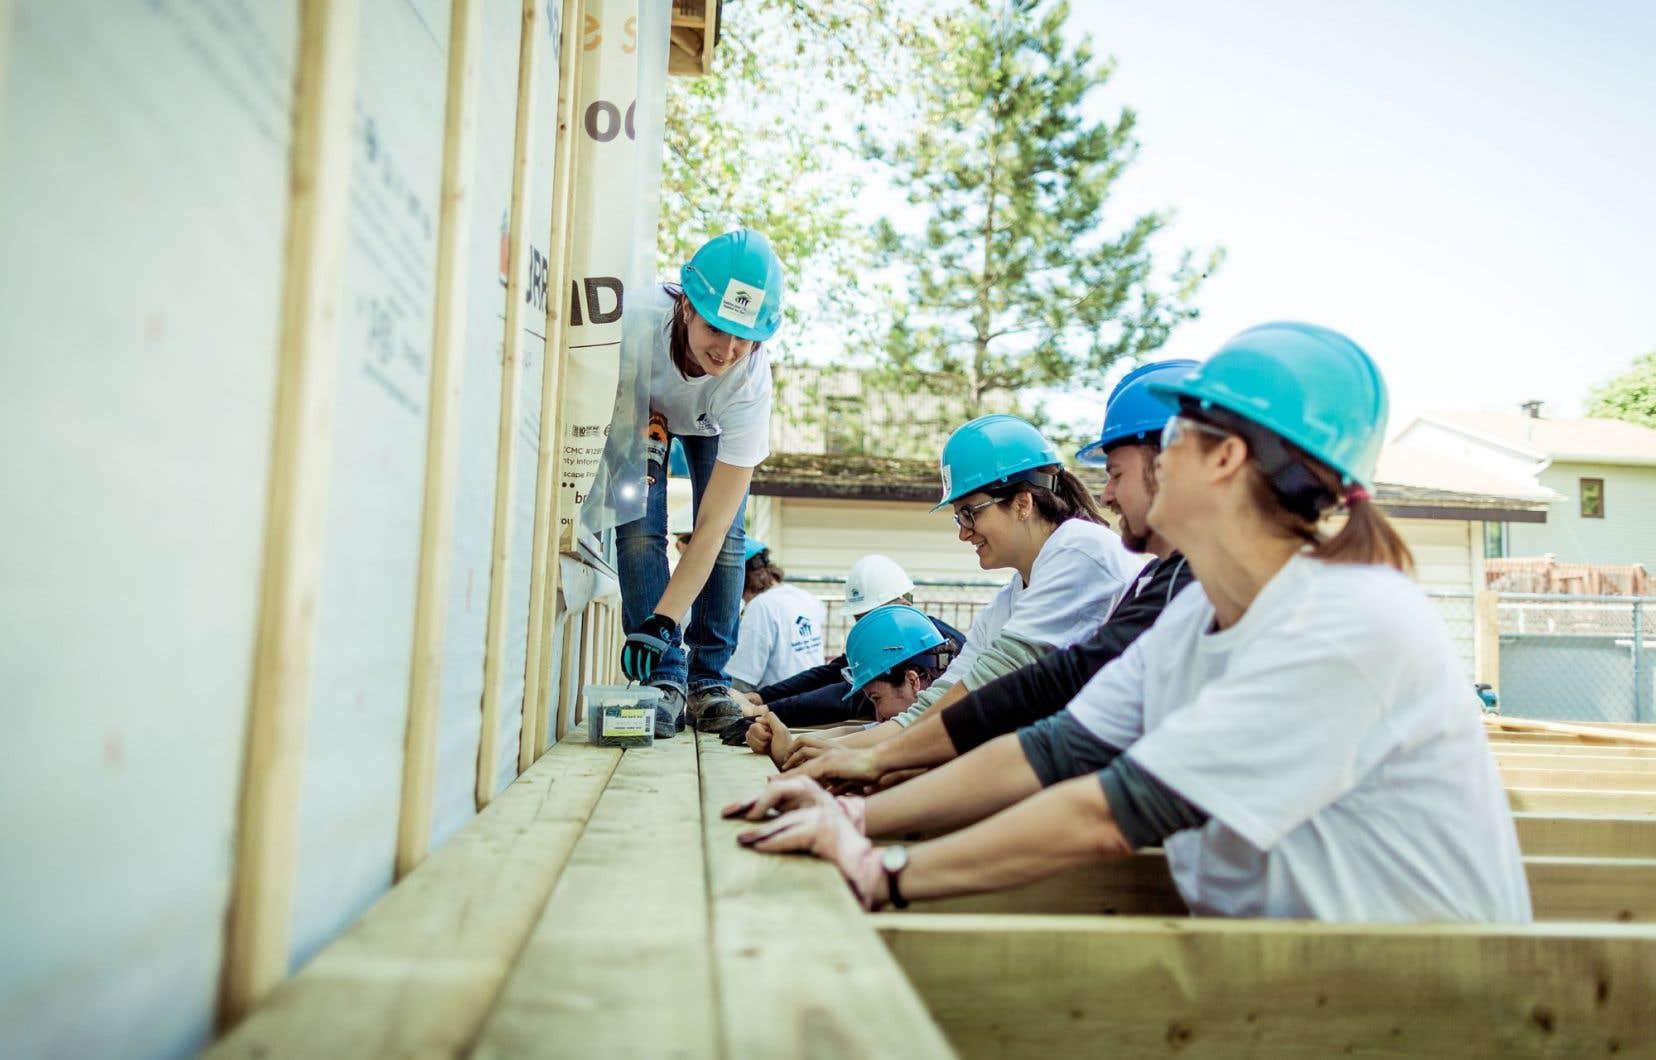 Pour 2016, quatre familles seront logées. HHQ construira un duplex dans le quartier Saint-Henri ainsi que deux maisons jumelées sur la rue Thibault à Sherbrooke.